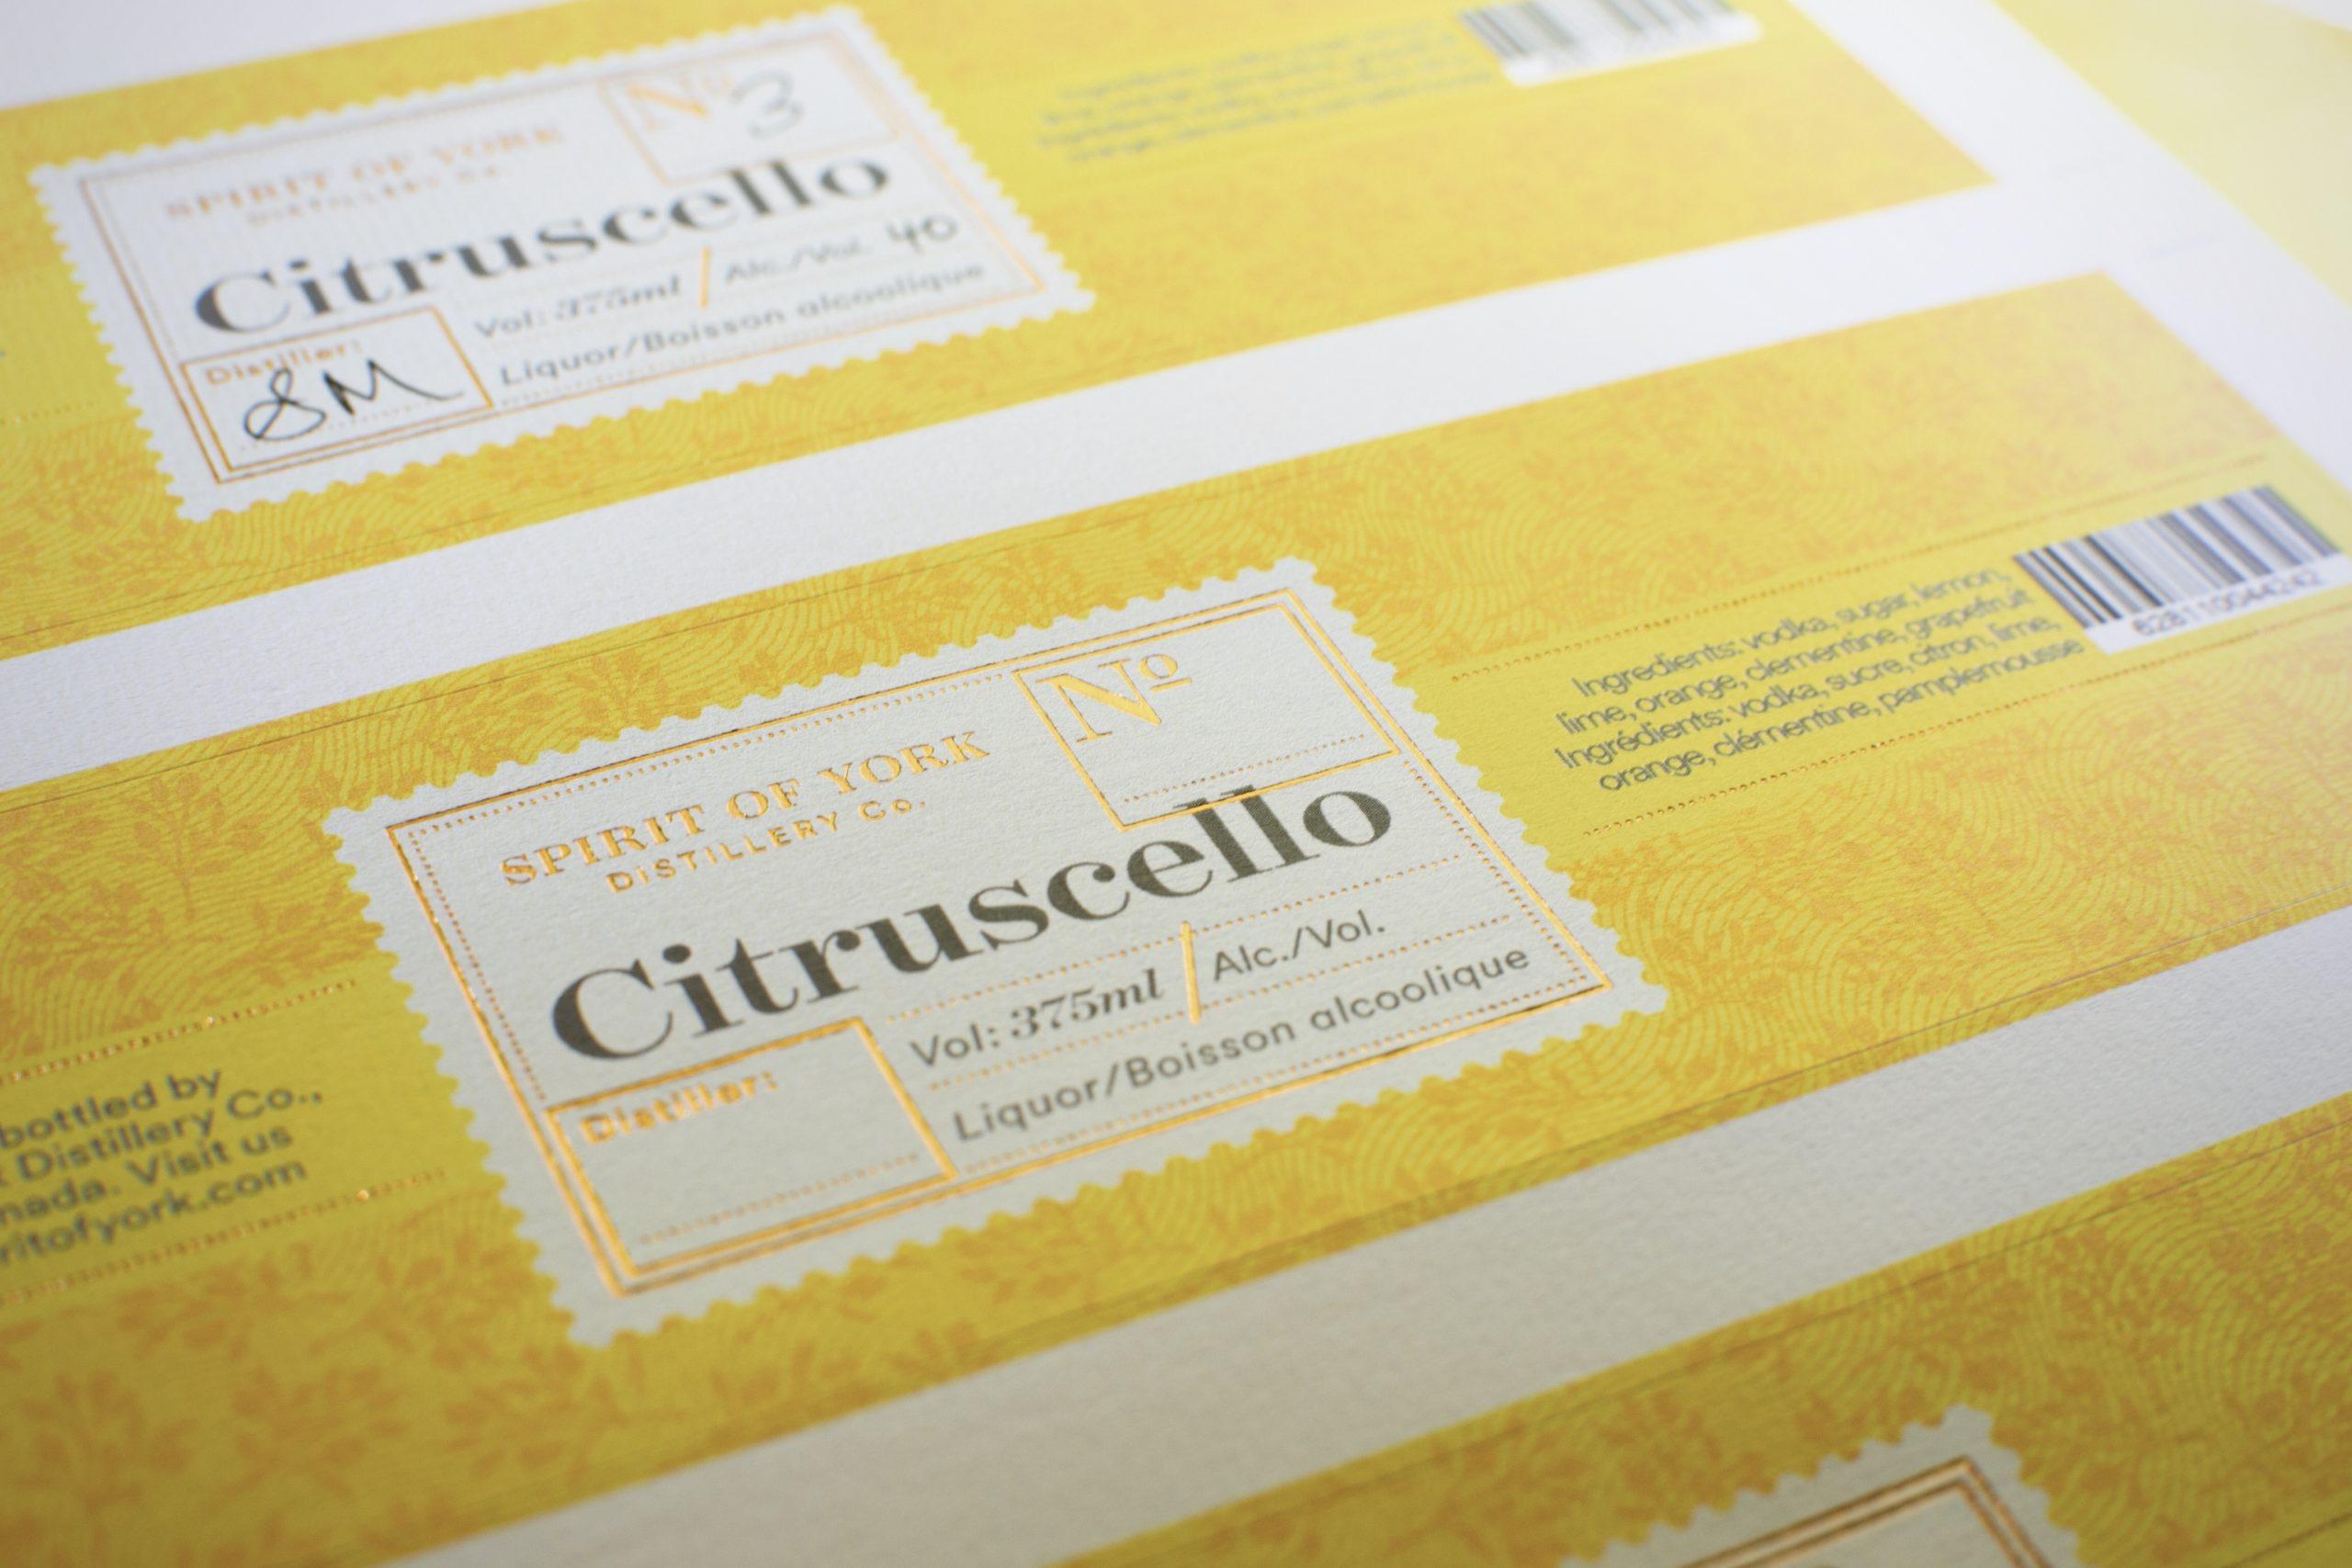 citruscello-label-close-2